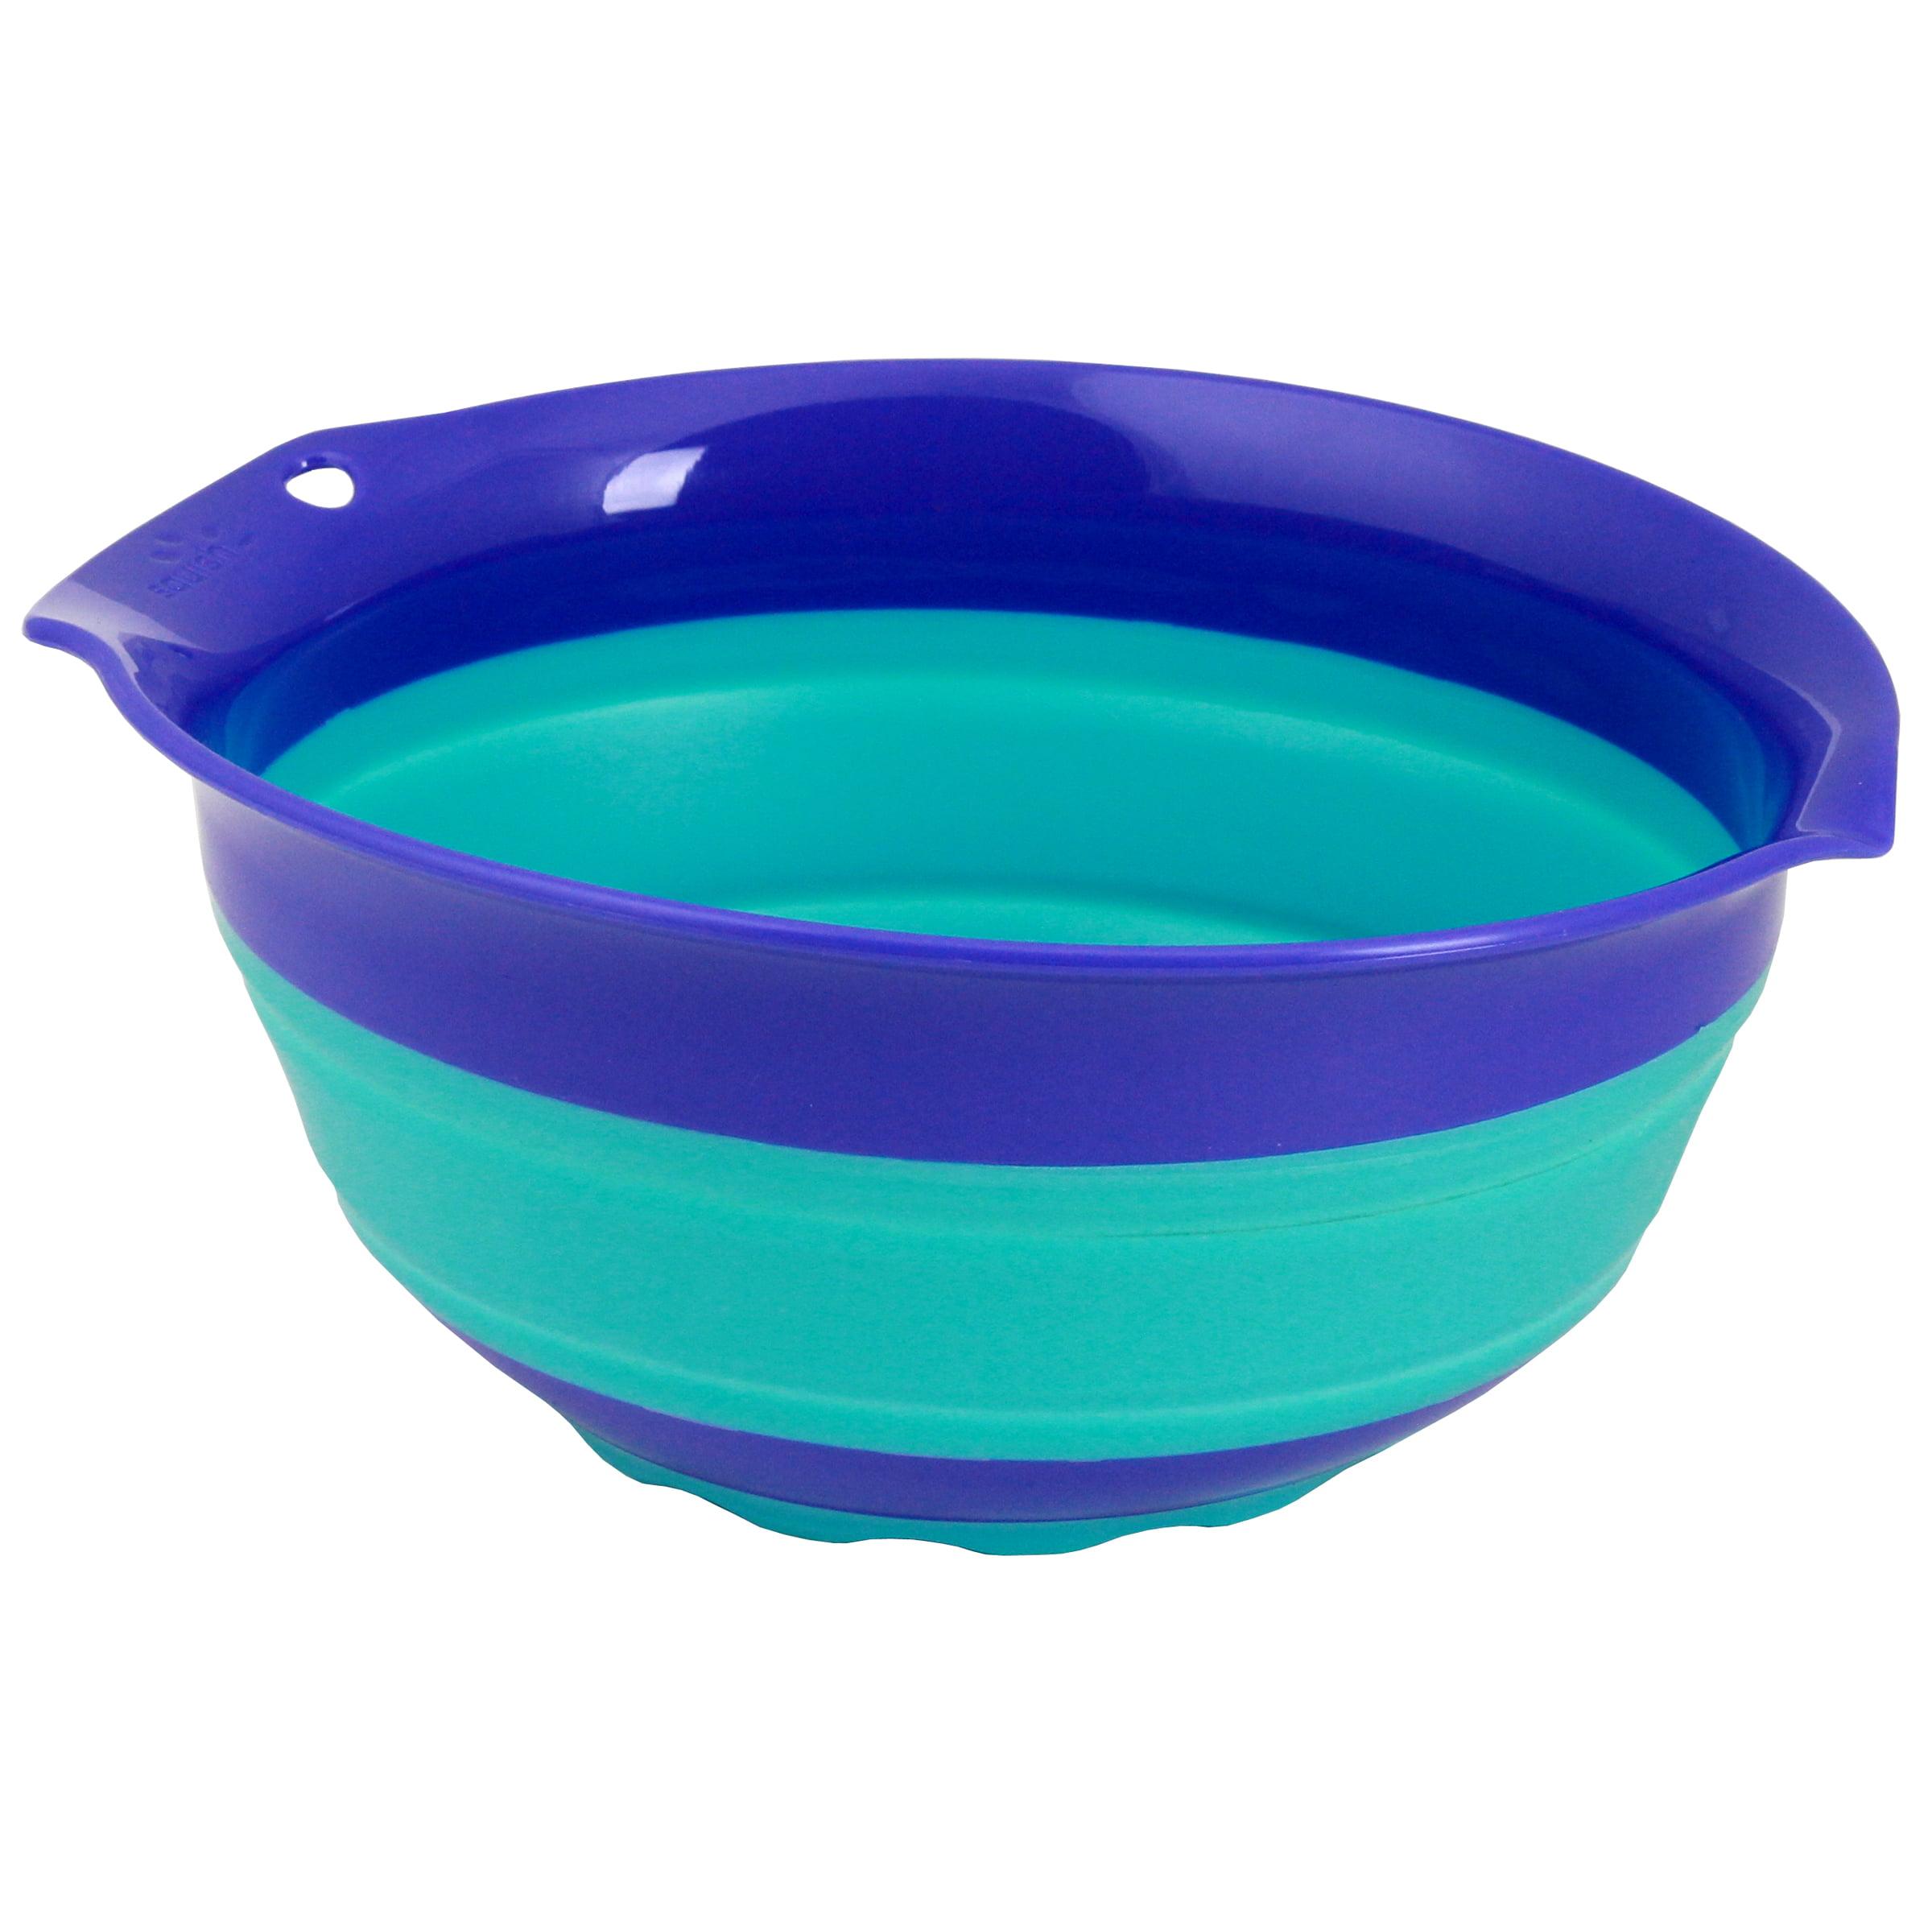 Squish™ 3 Quart Collapsible Bowl